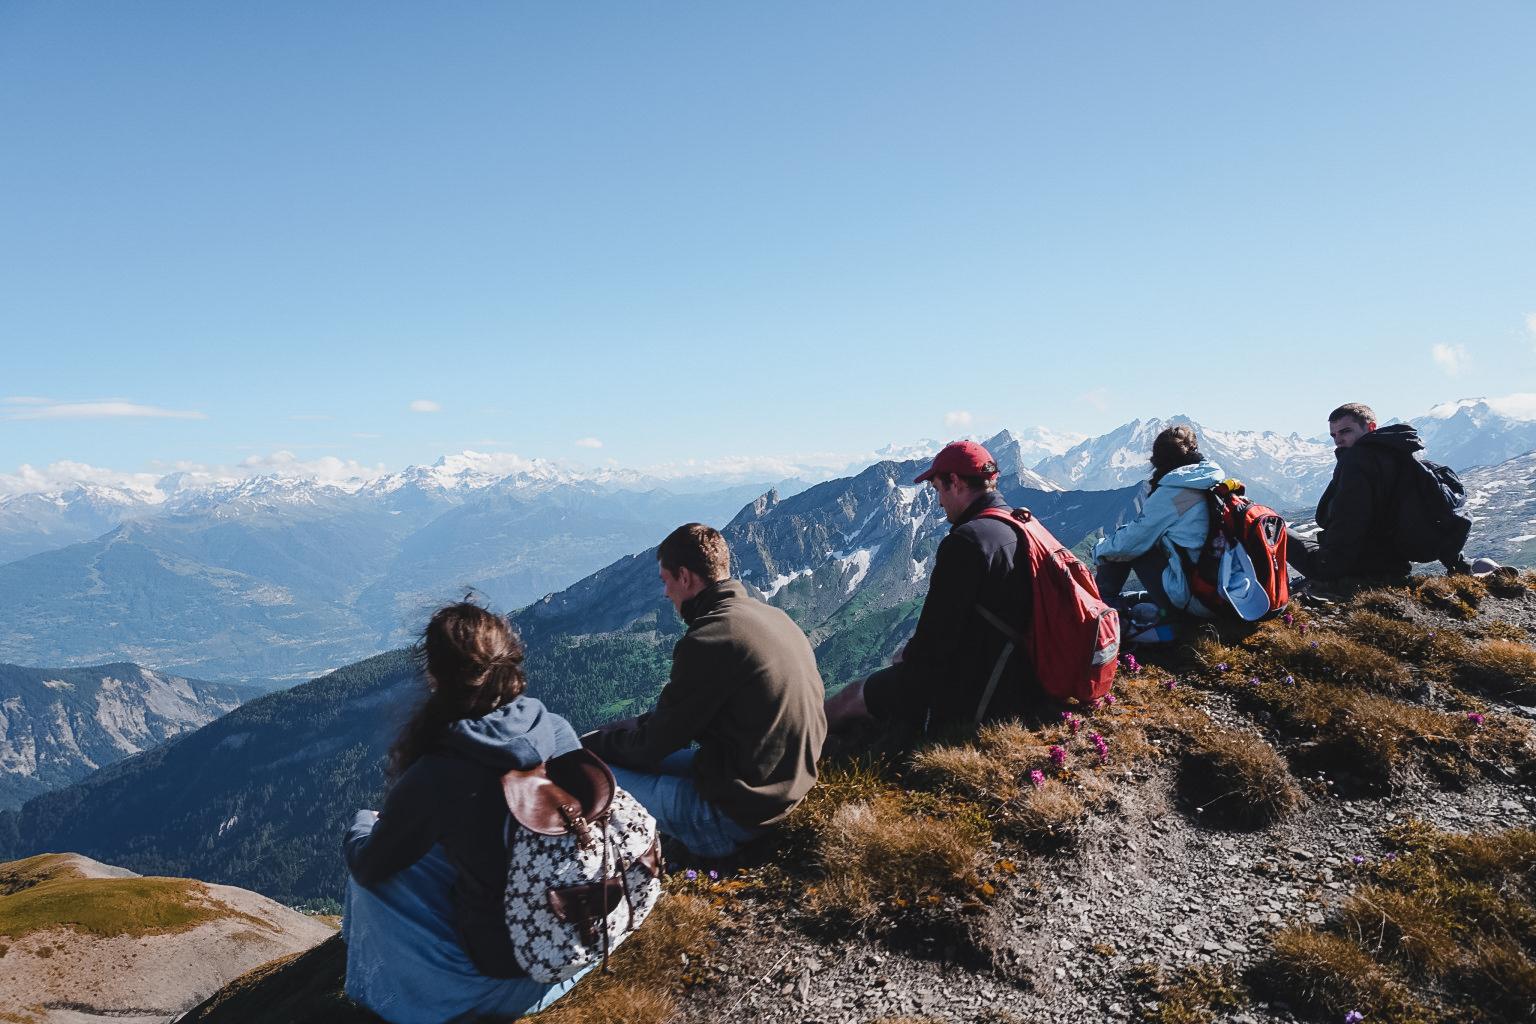 Gruppen der KJB: KJB Mitglieder genießen die schöne Aussicht in die Berge